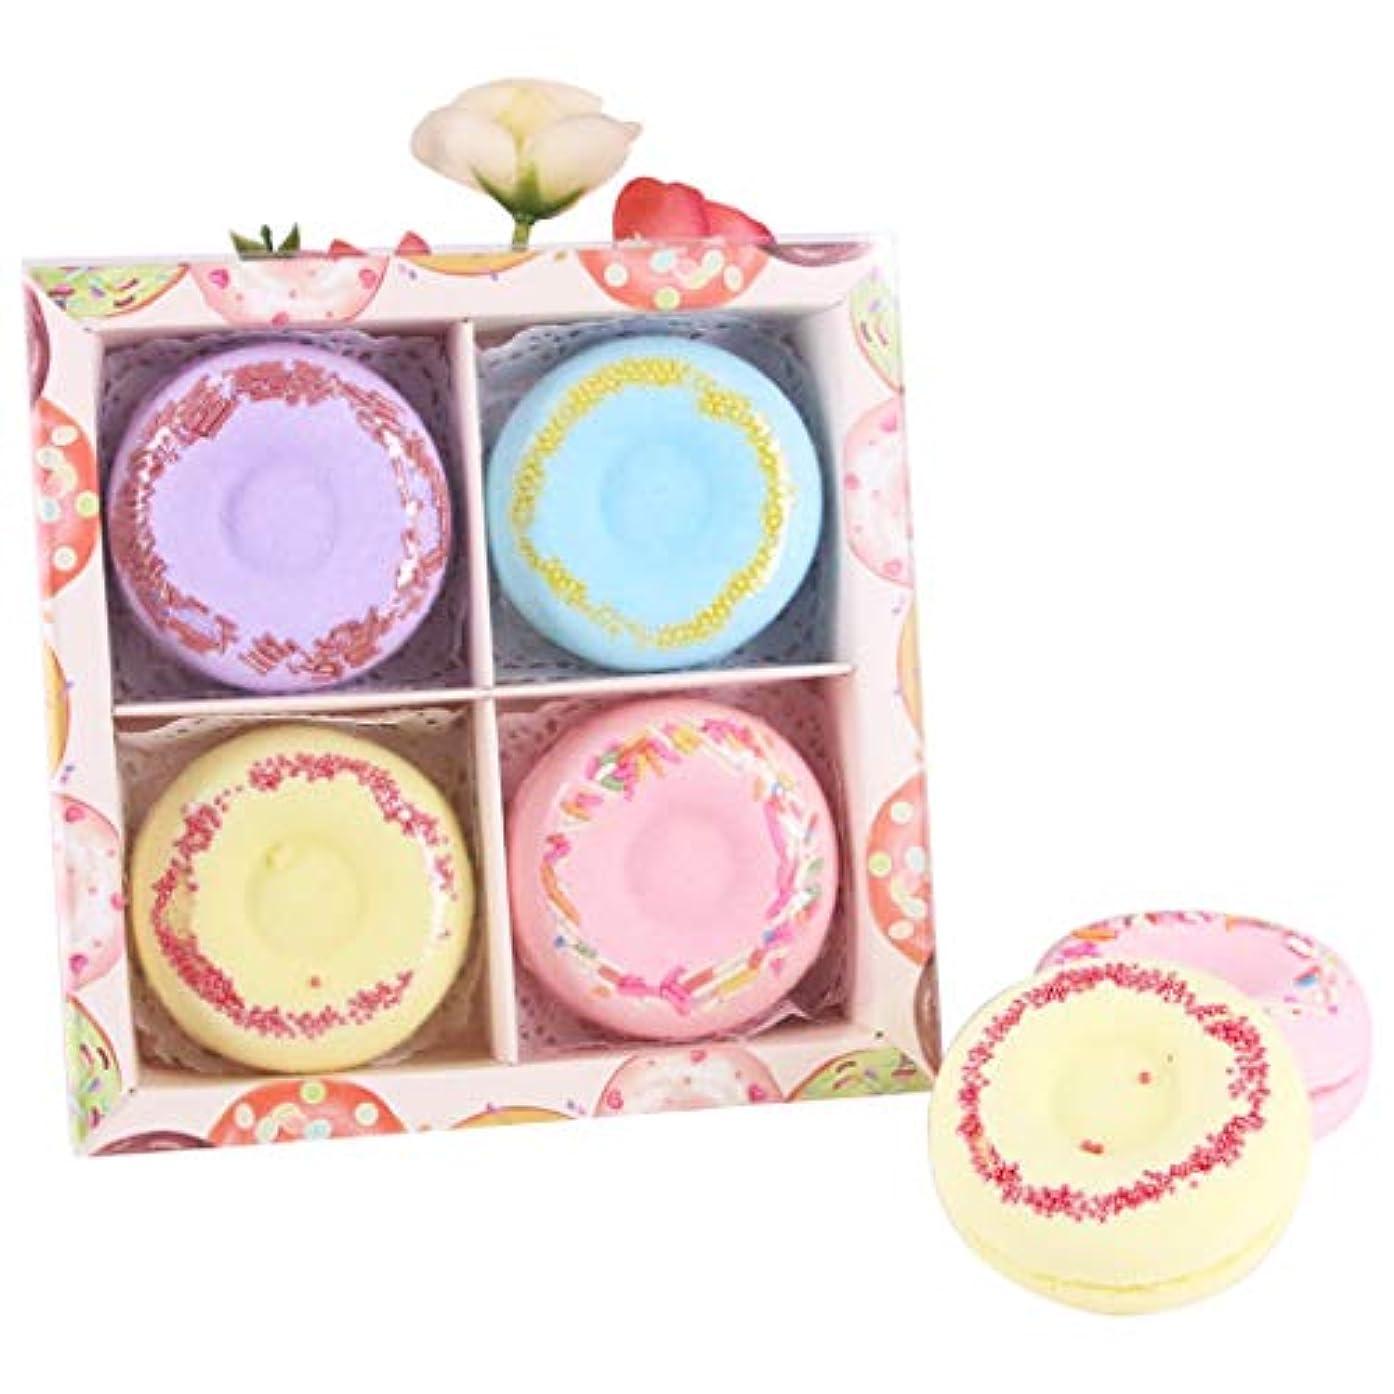 凍った秀でる効率的Funpa 4枚セット 入浴剤 入浴ボール ドーナツ型 可愛い 精油 香り残す バレンタインデー 彼女のプレゼント お風呂用